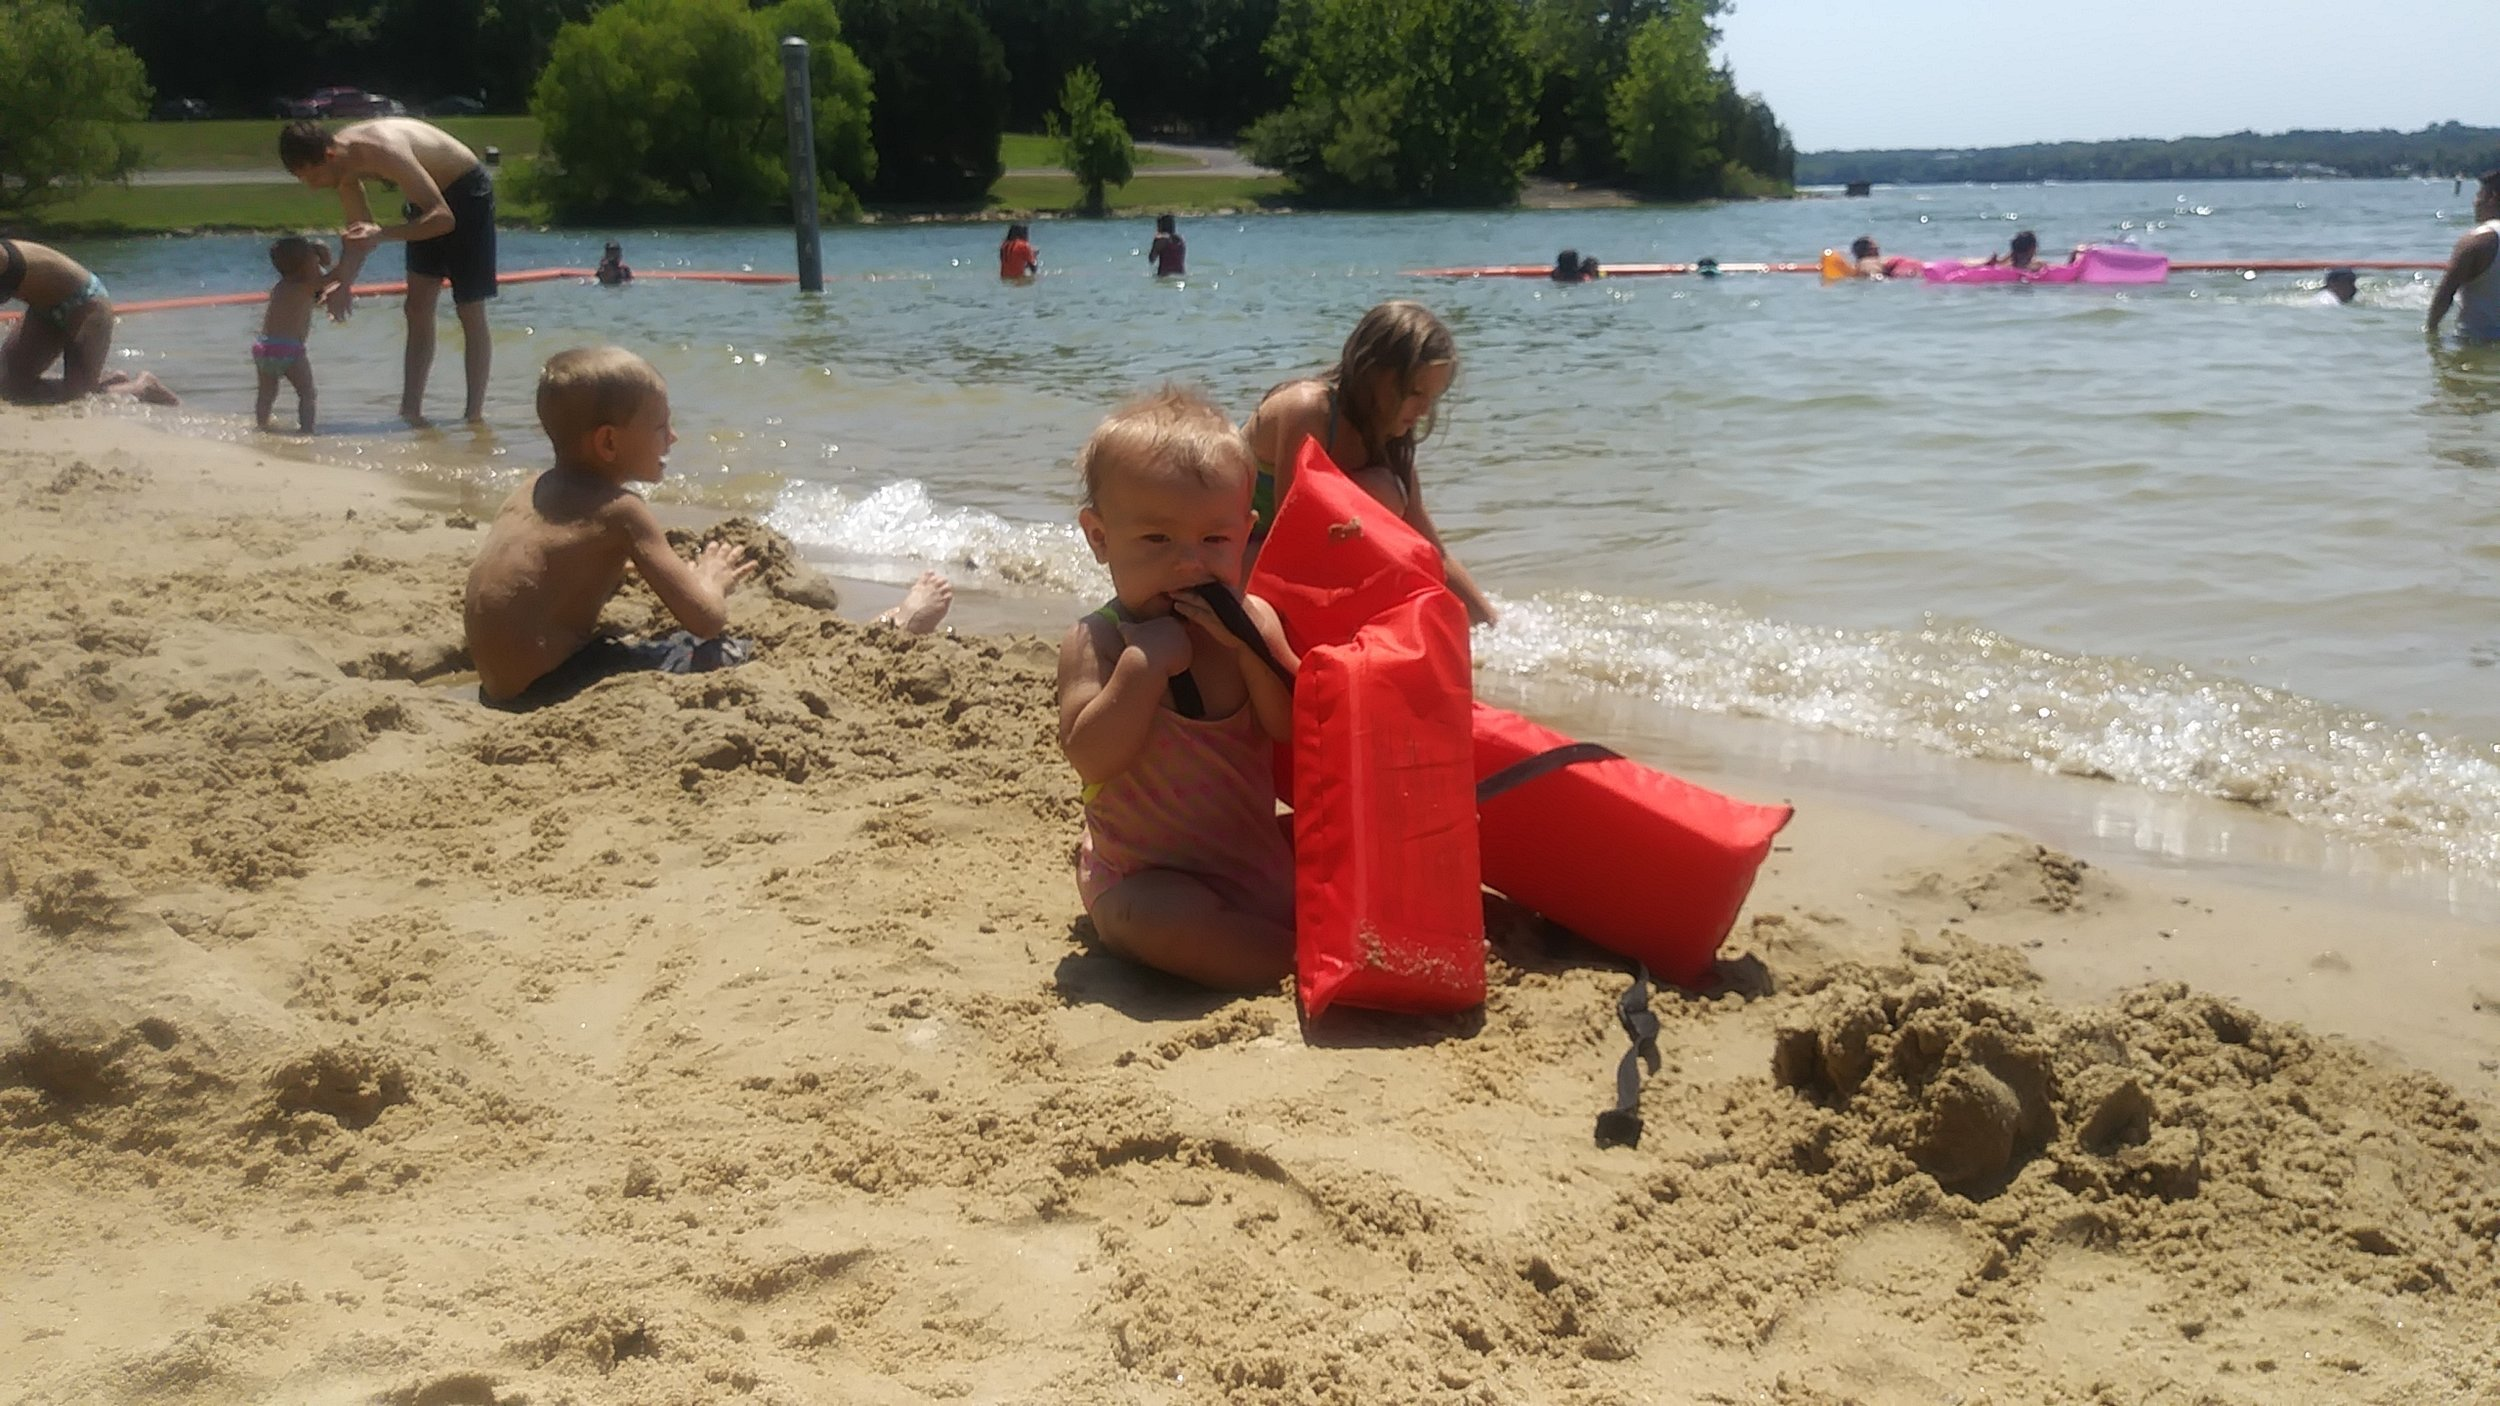 Baby on the beach.jpg